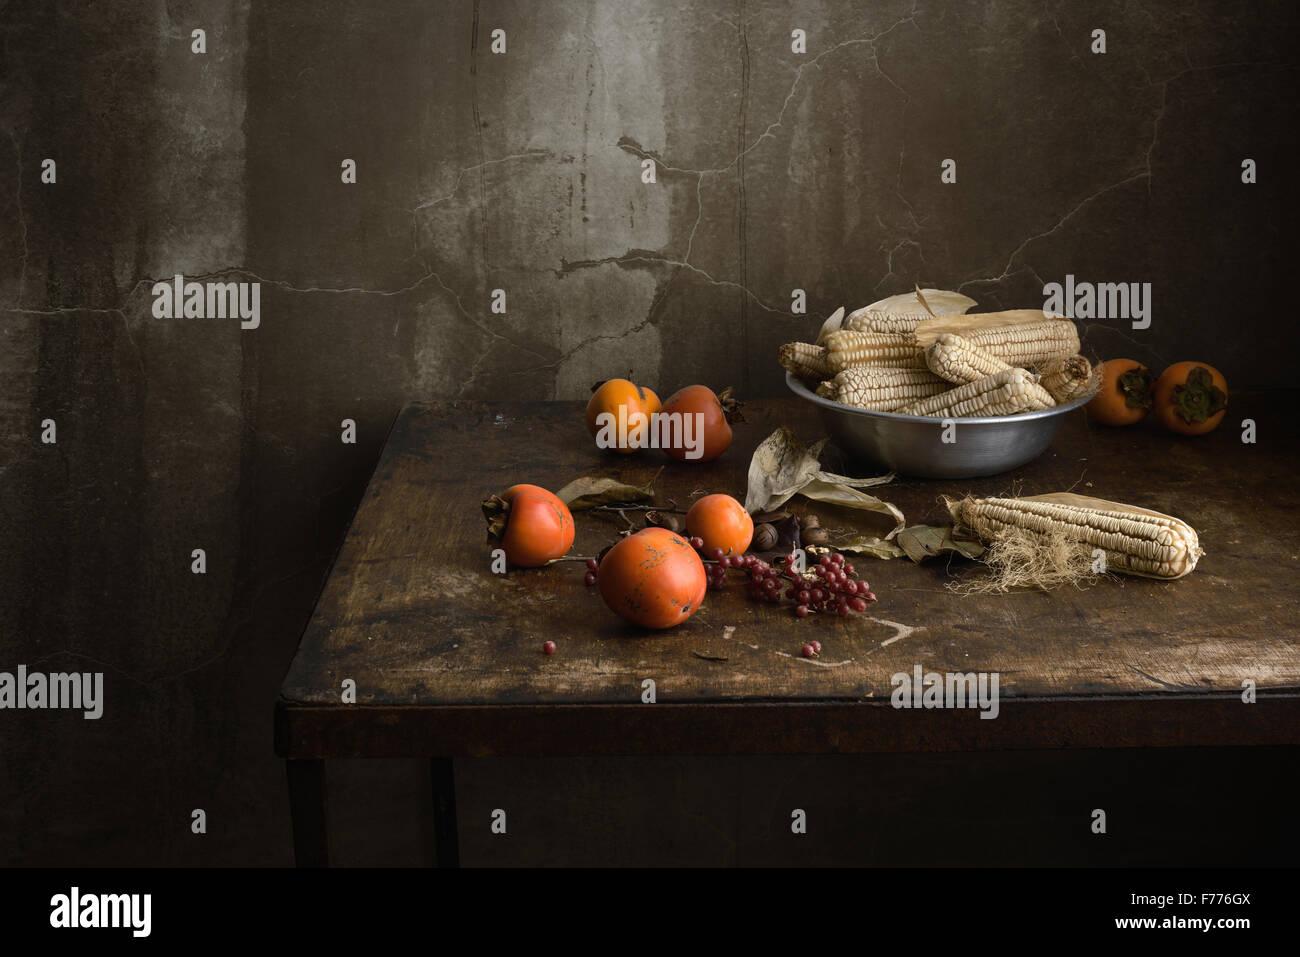 Stillleben mit Obst und Mais in einer Aluminiumschale auf einem alten Holztisch Stockbild